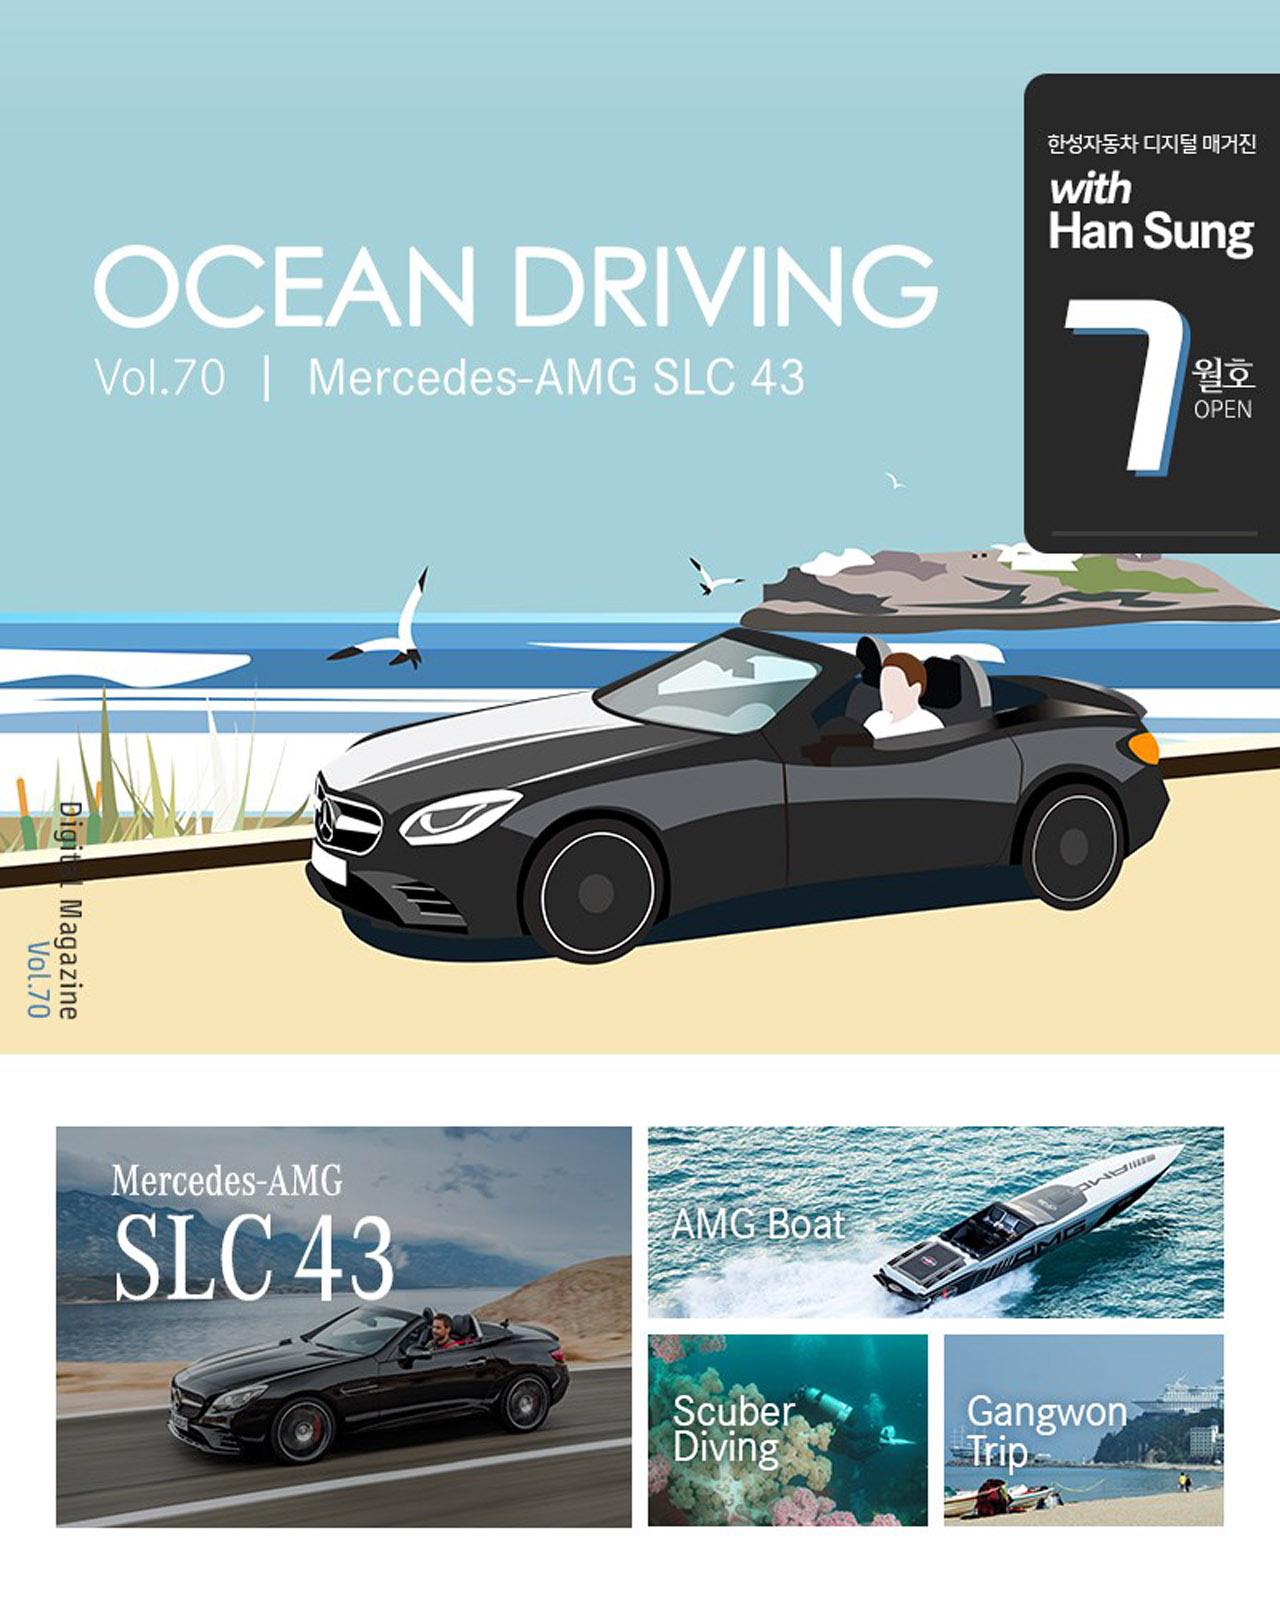 [보도자료] 한성자동차, 디지털매거진 7월호 발행